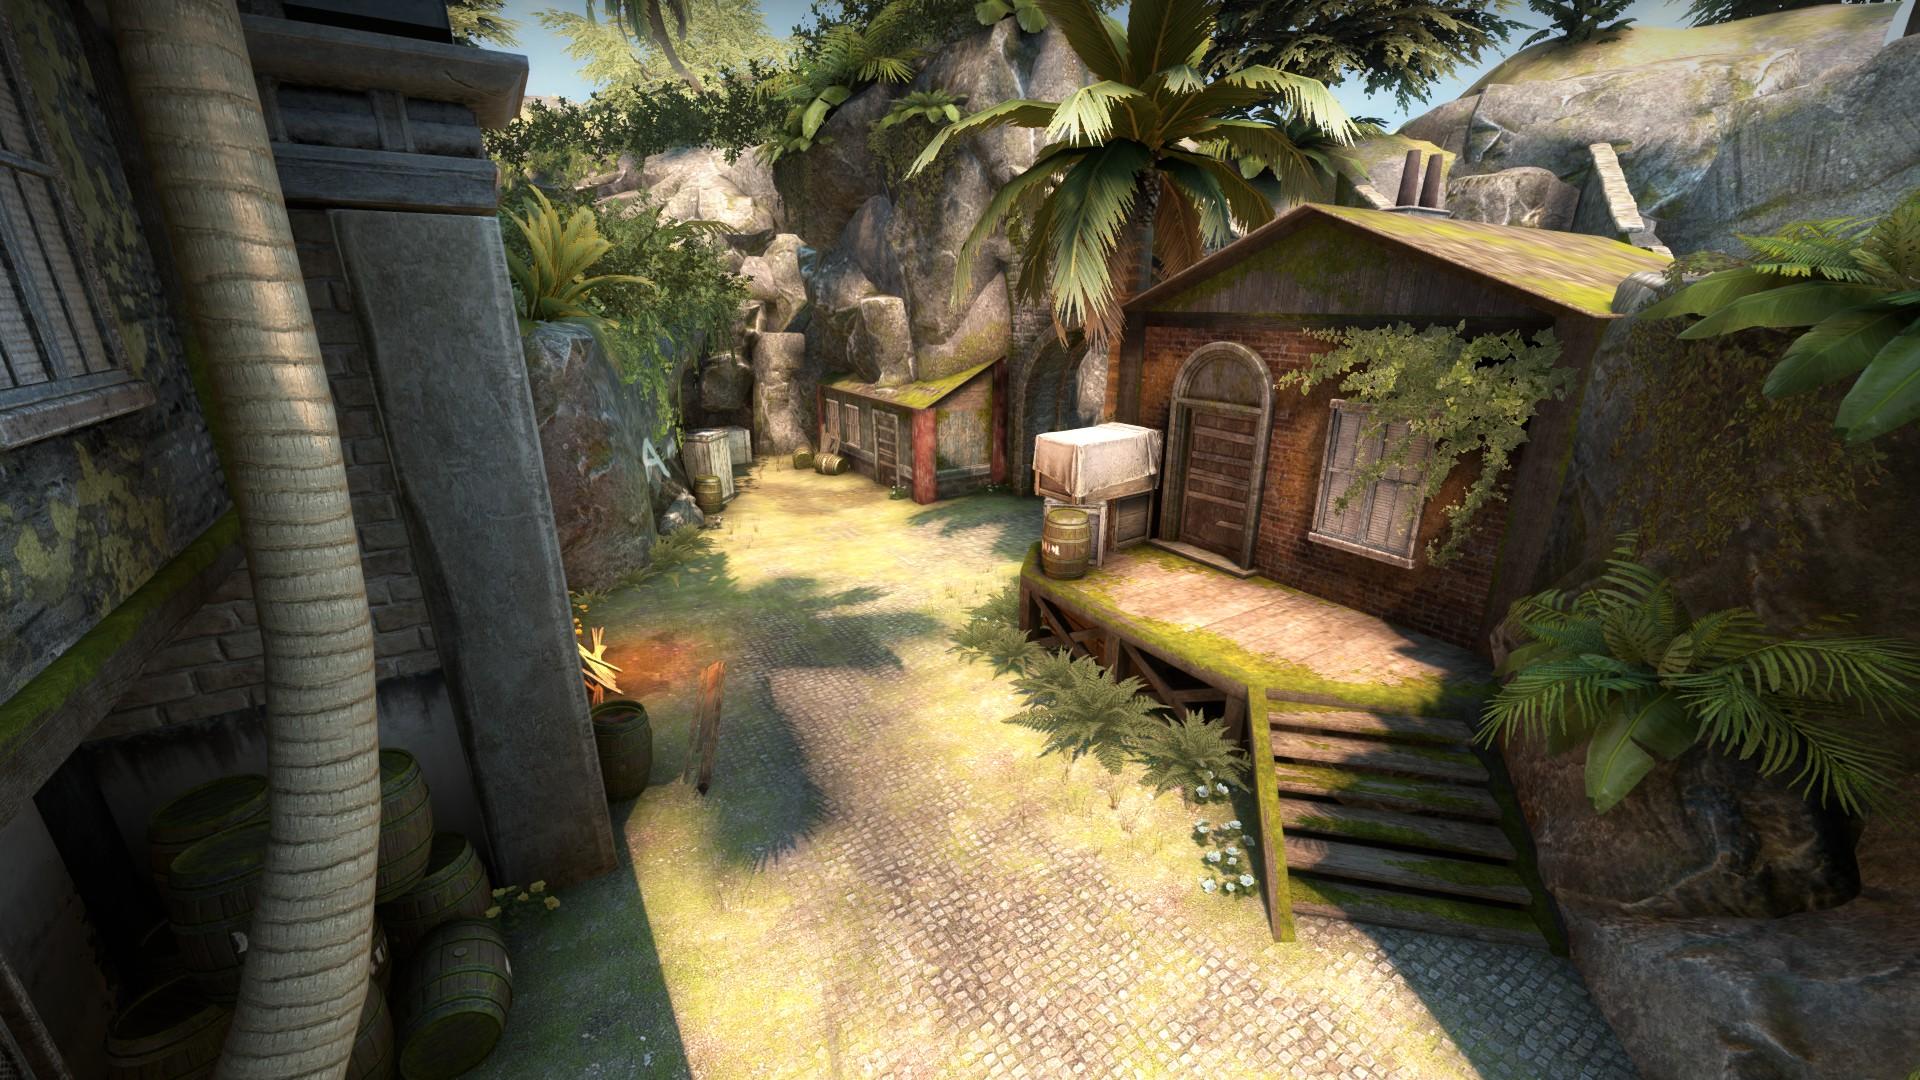 Mutiny se passa em uma ilha tropical (Imagem: CS:GO)